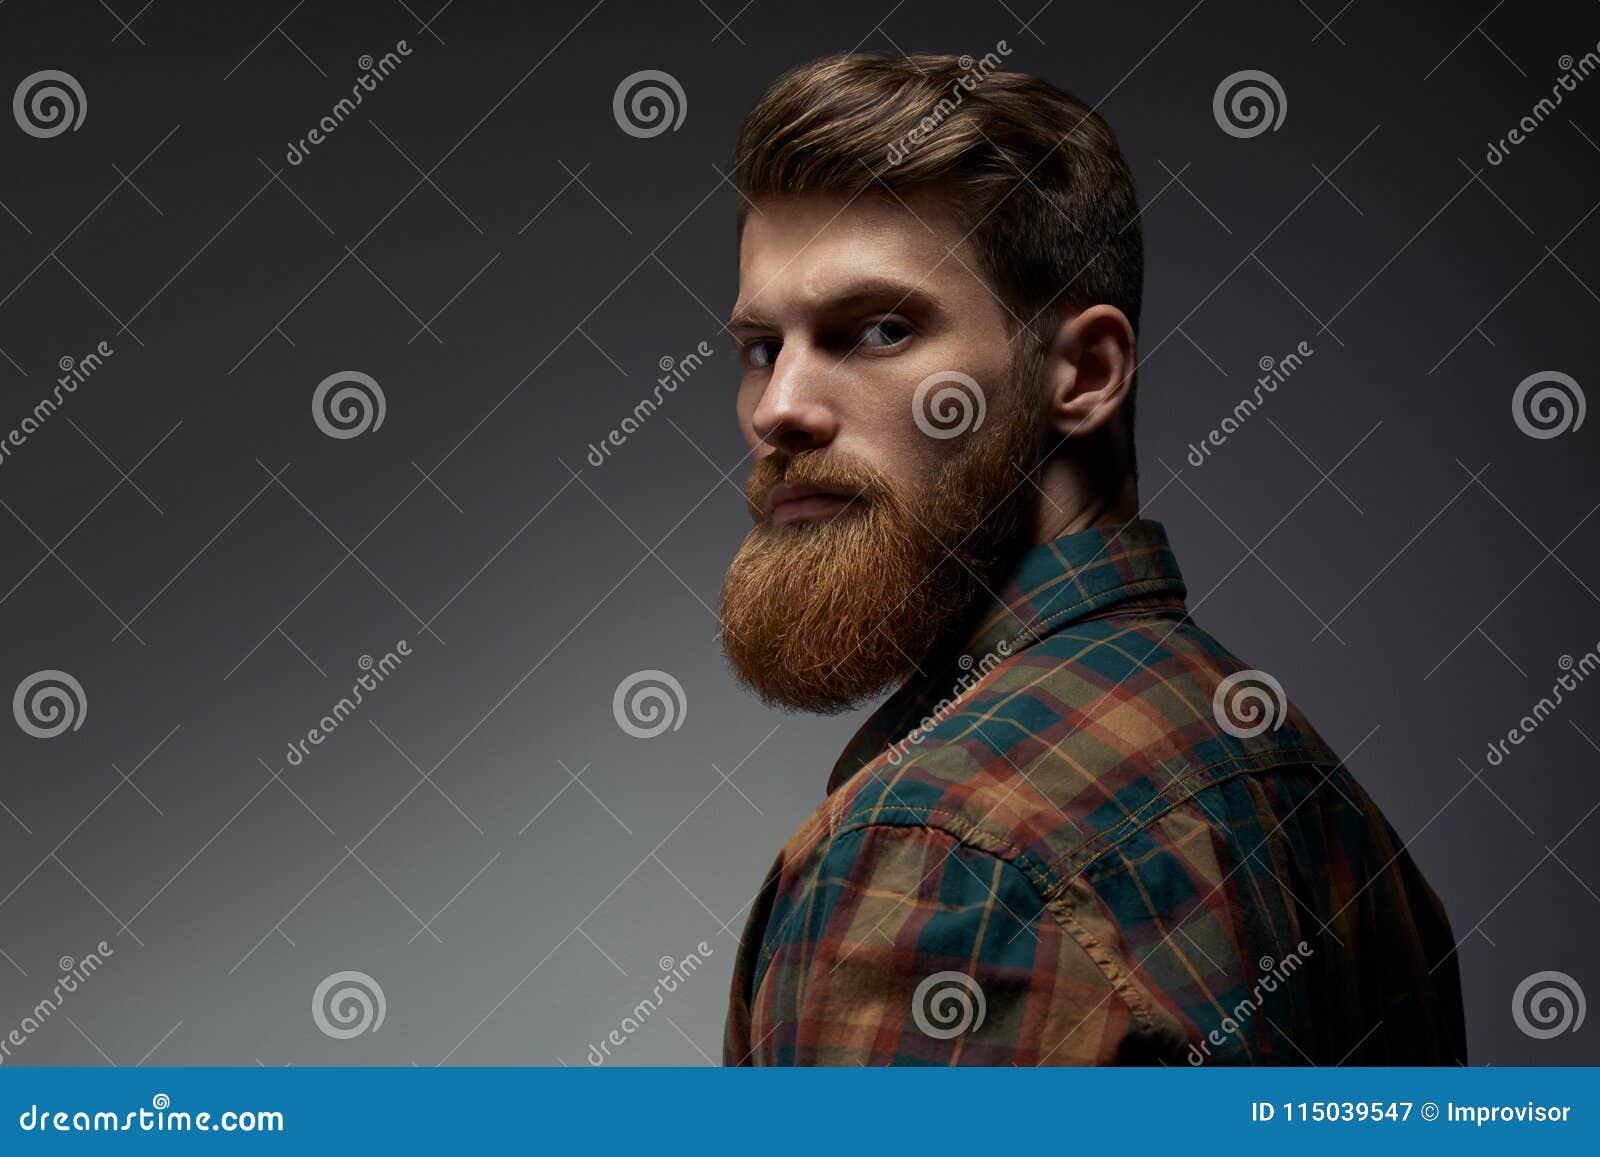 Indivíduo com uma barba vermelha em uma camisa de manta